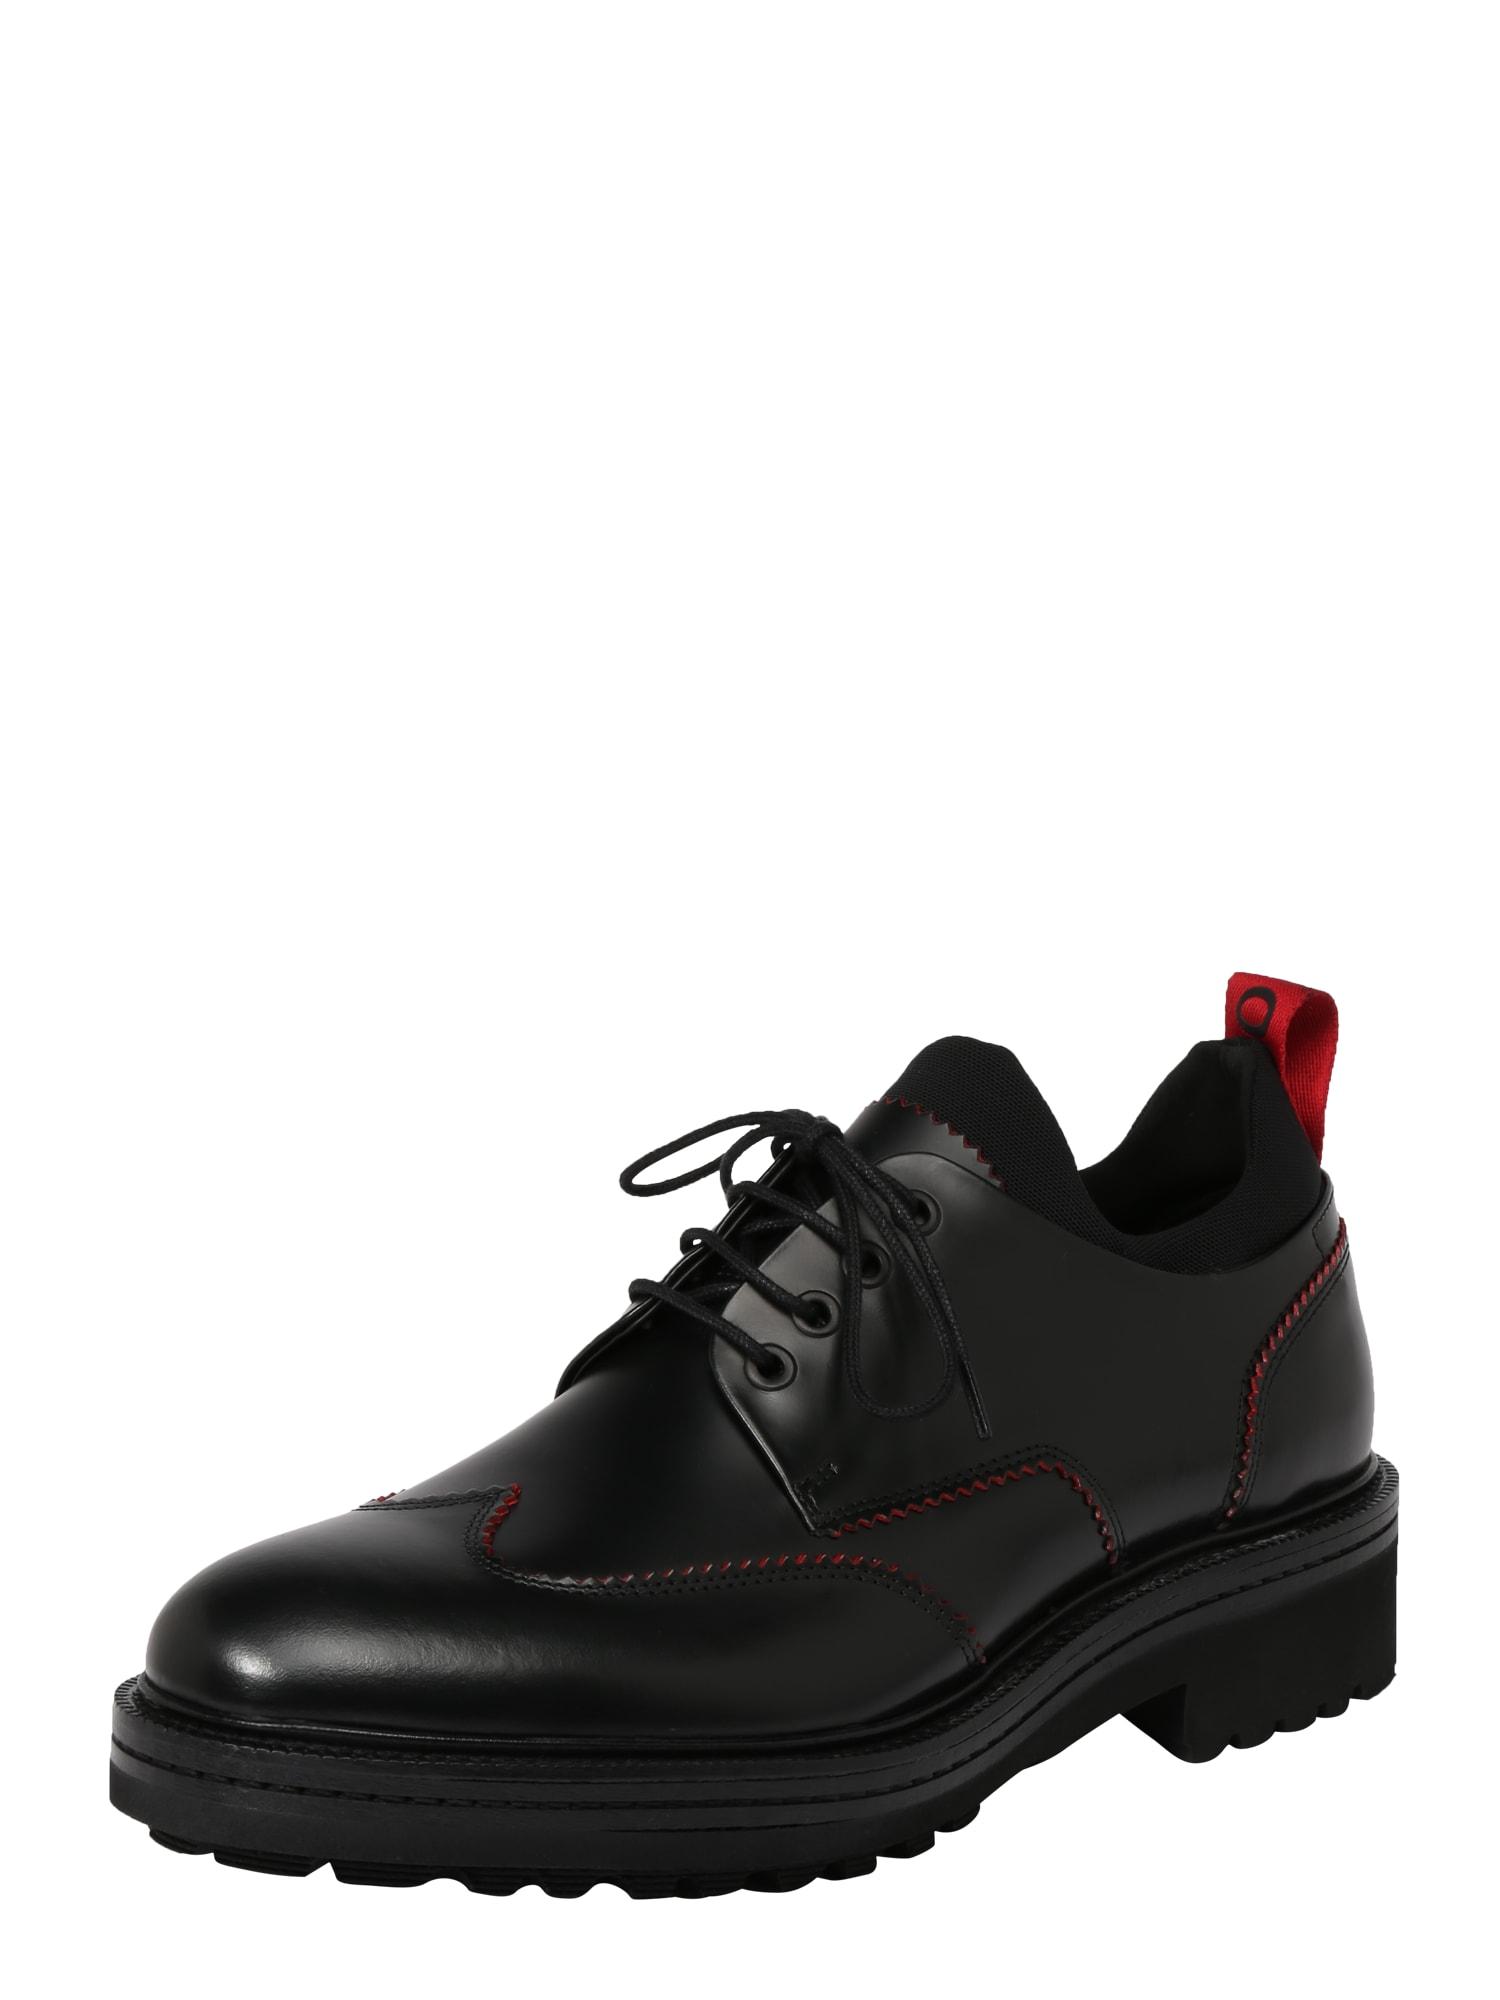 Šněrovací boty Impact Derb červená černá HUGO